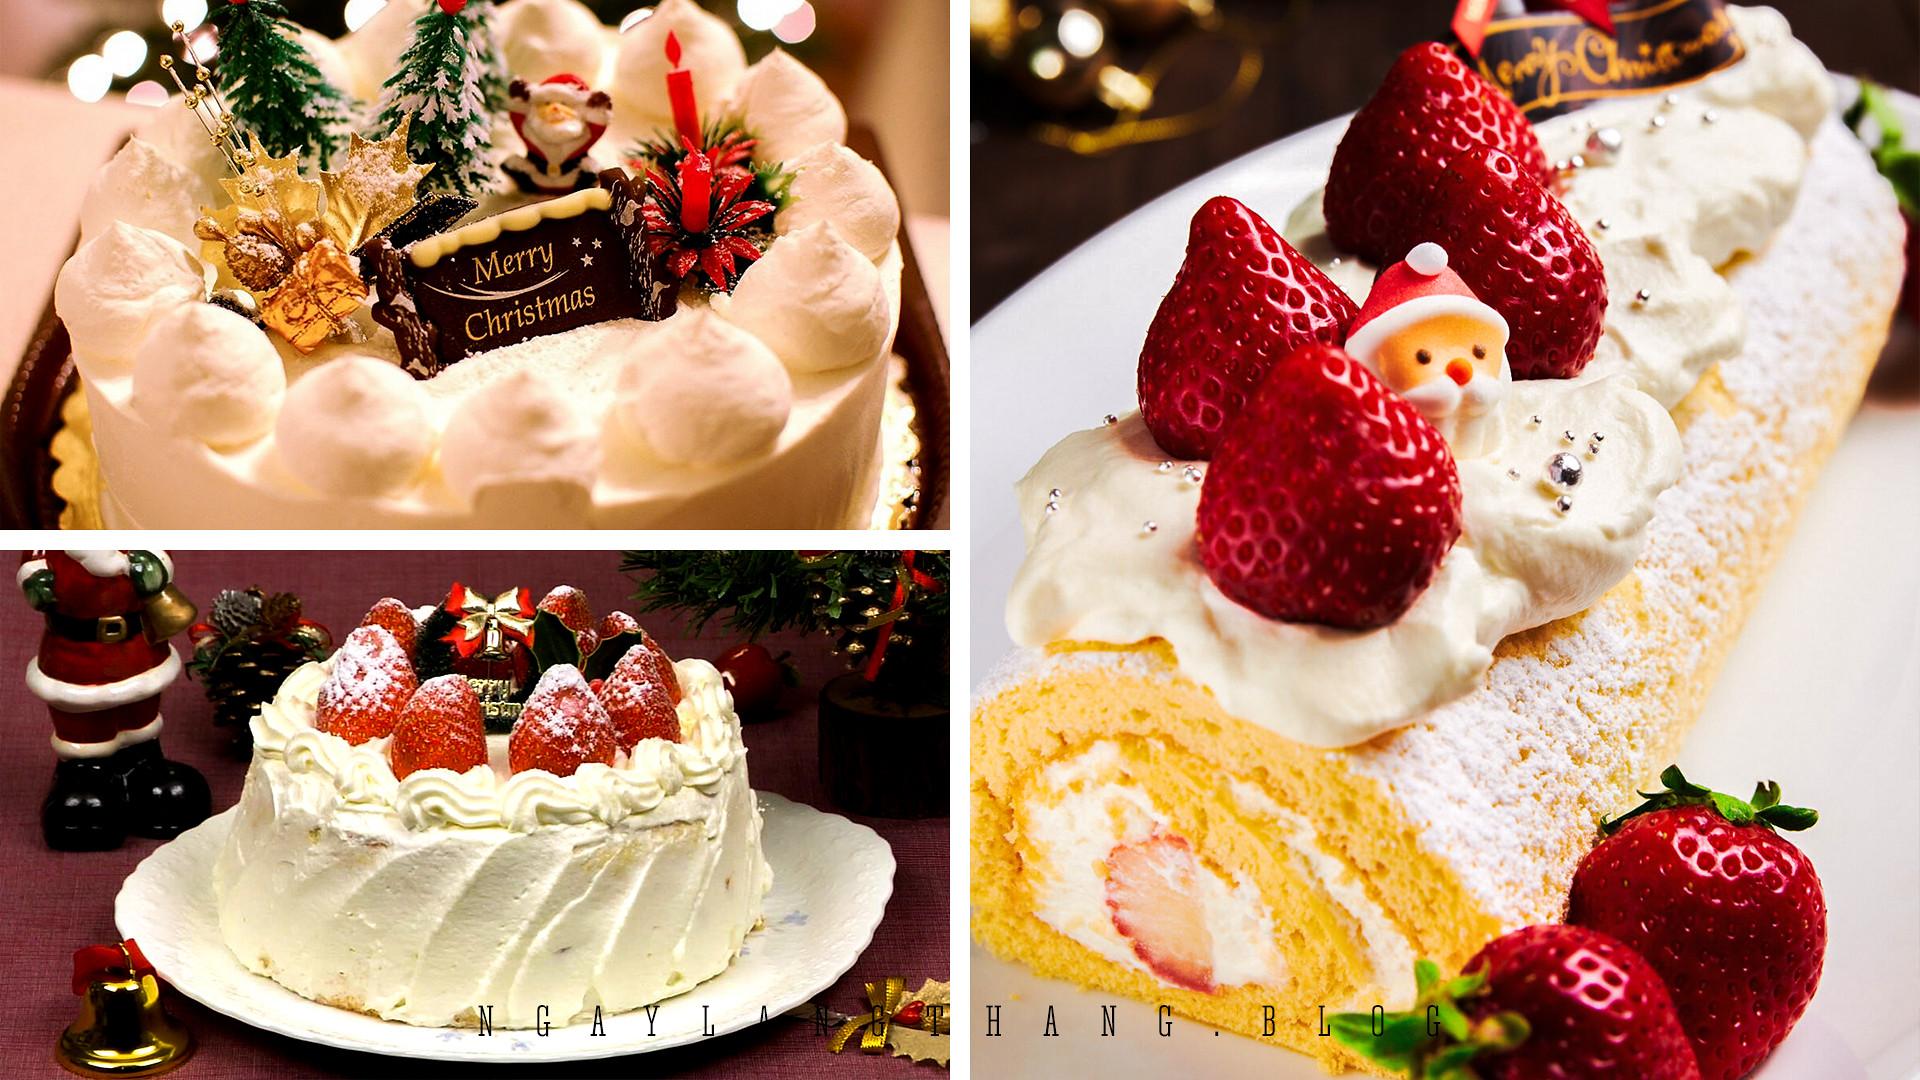 Nhật Bản tuần cuối năm-christmas-cake-ngaylangthang